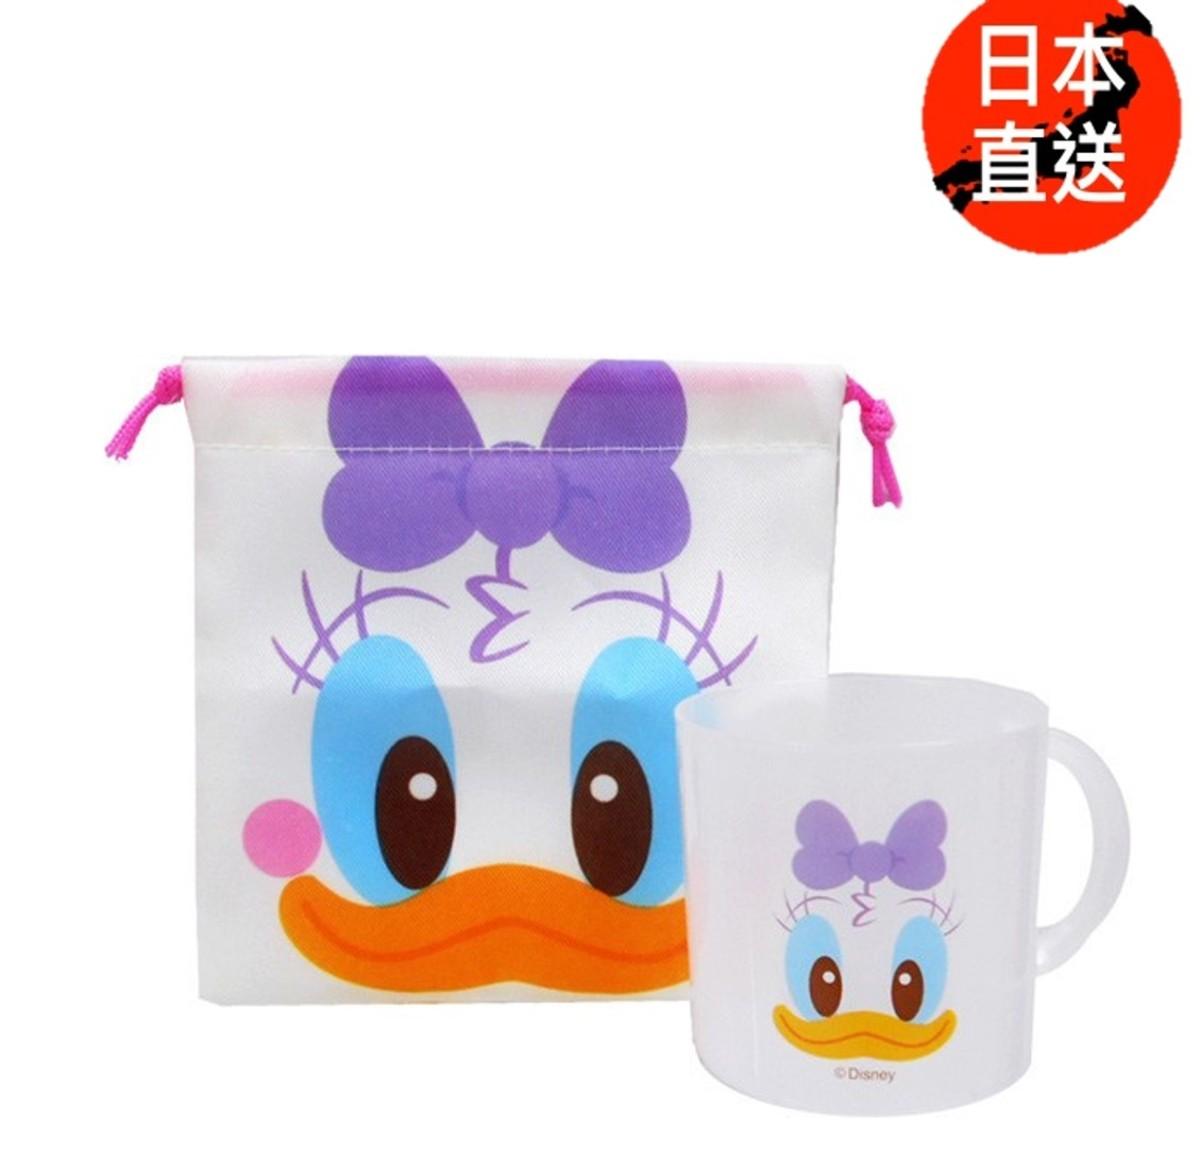 Disney迪士尼 --索袋水杯套裝(黛西)(日本直送) (迪士尼許可產品)